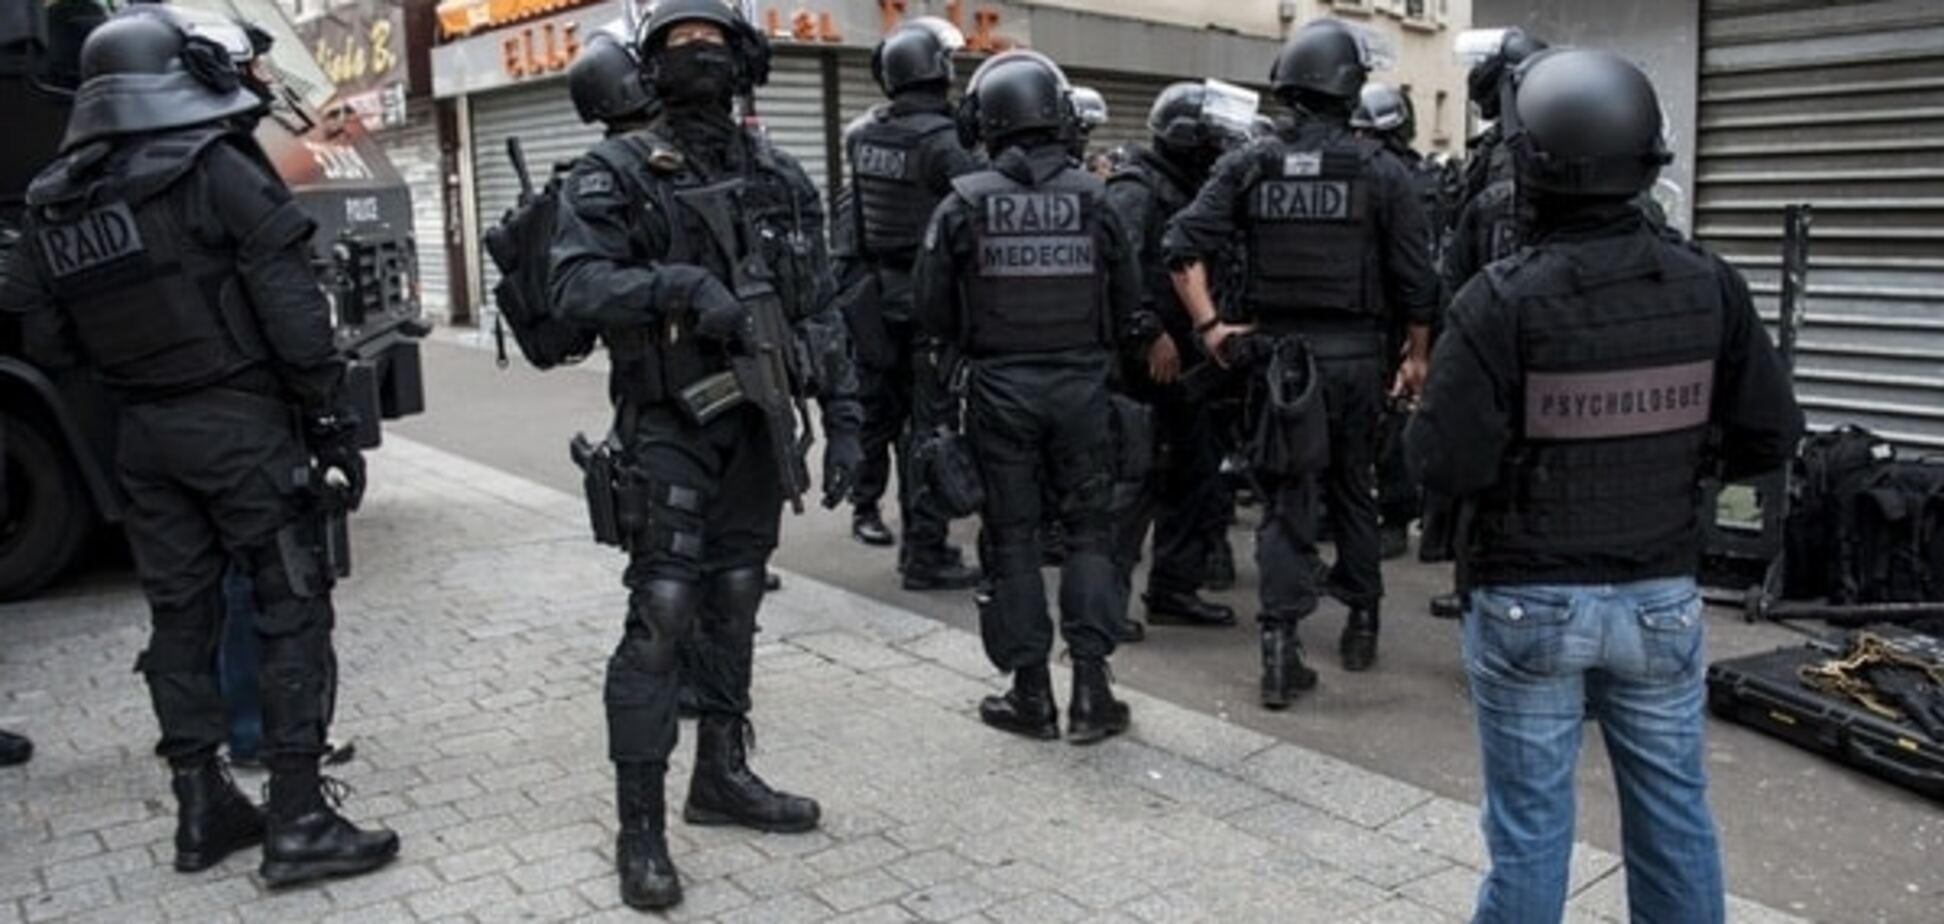 Теракти в Парижі: у Бельгії пред'явили звинувачення підозрюваному